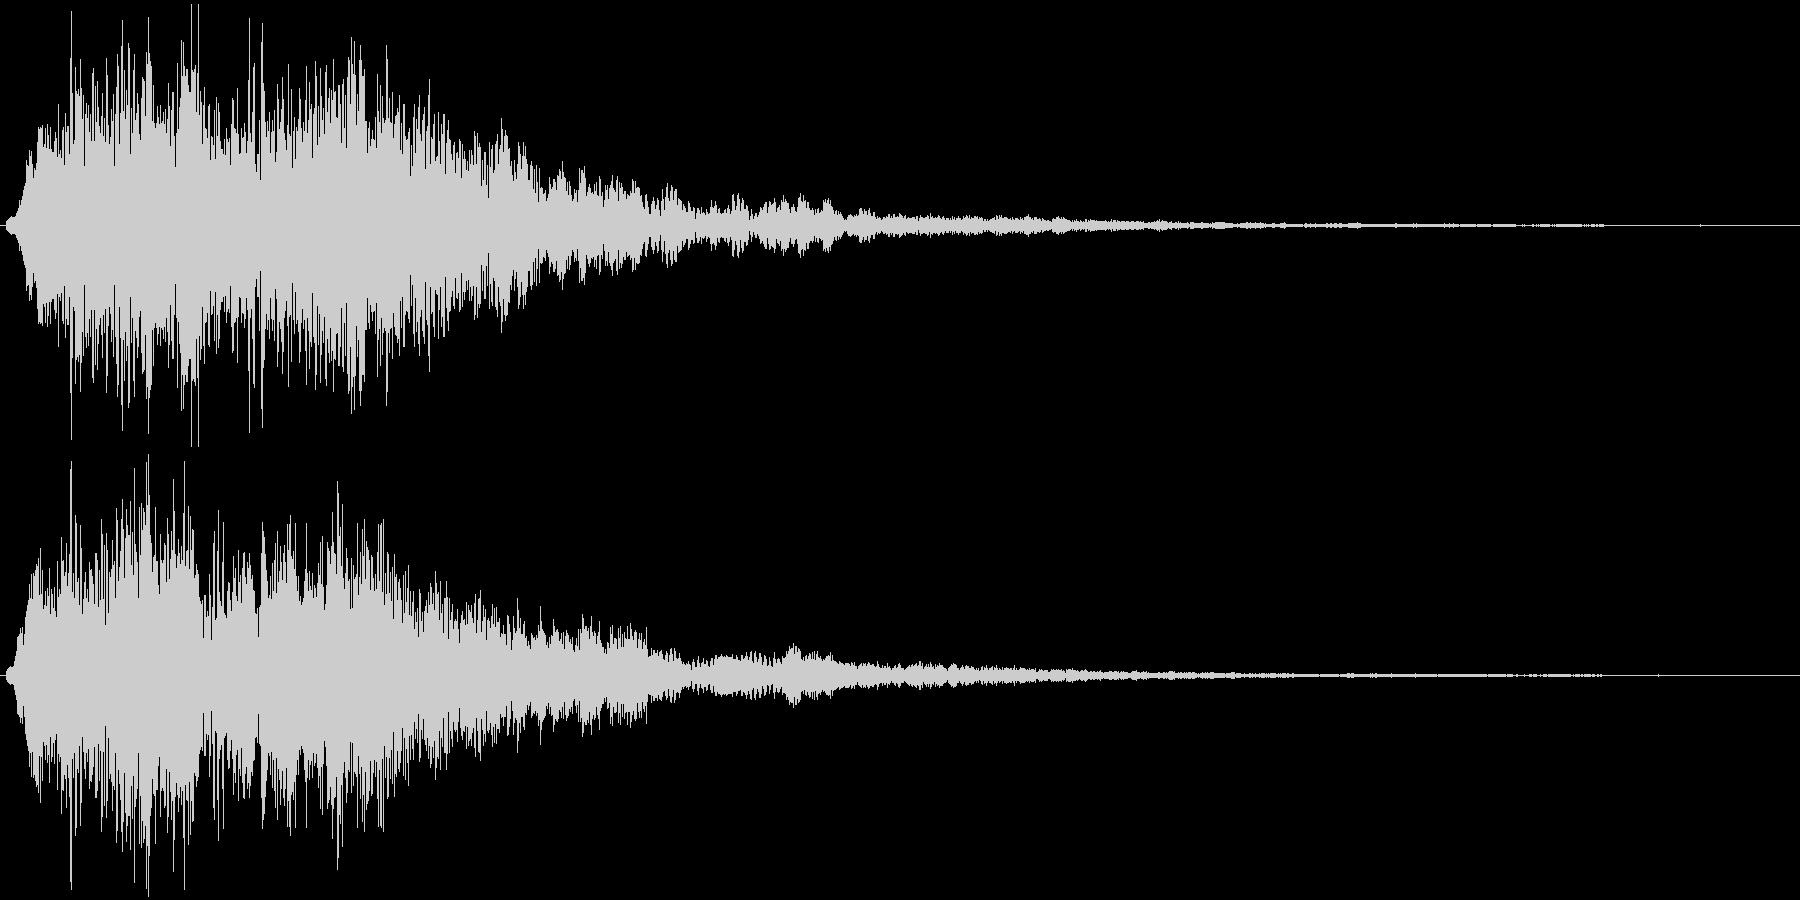 ワンワンワワワーン(サウンドロゴ)の未再生の波形